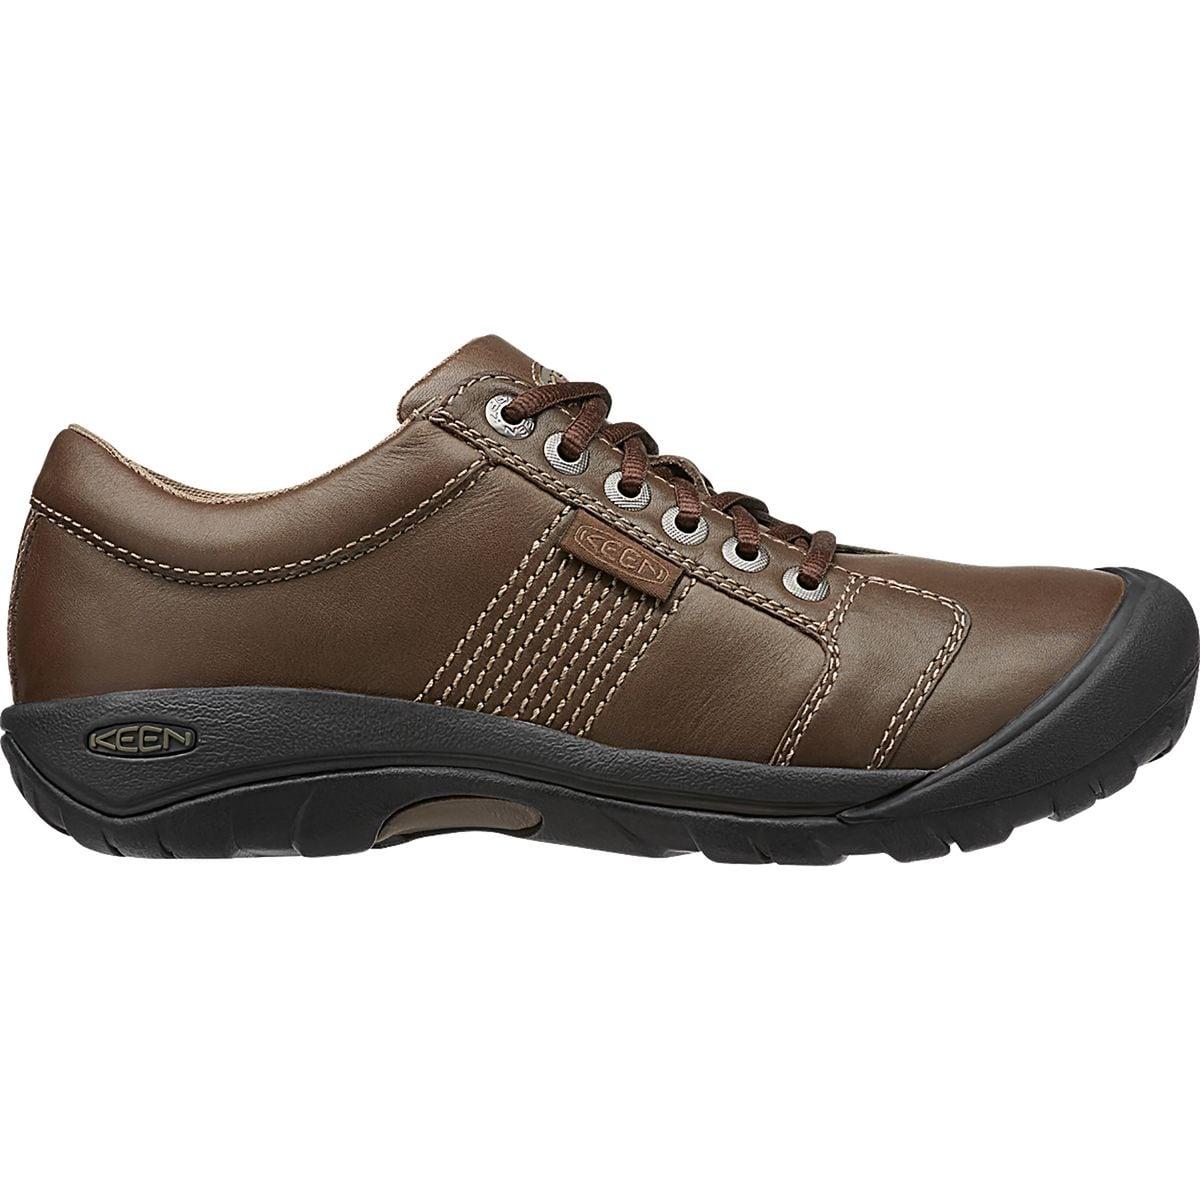 keen casual shoe s ebay